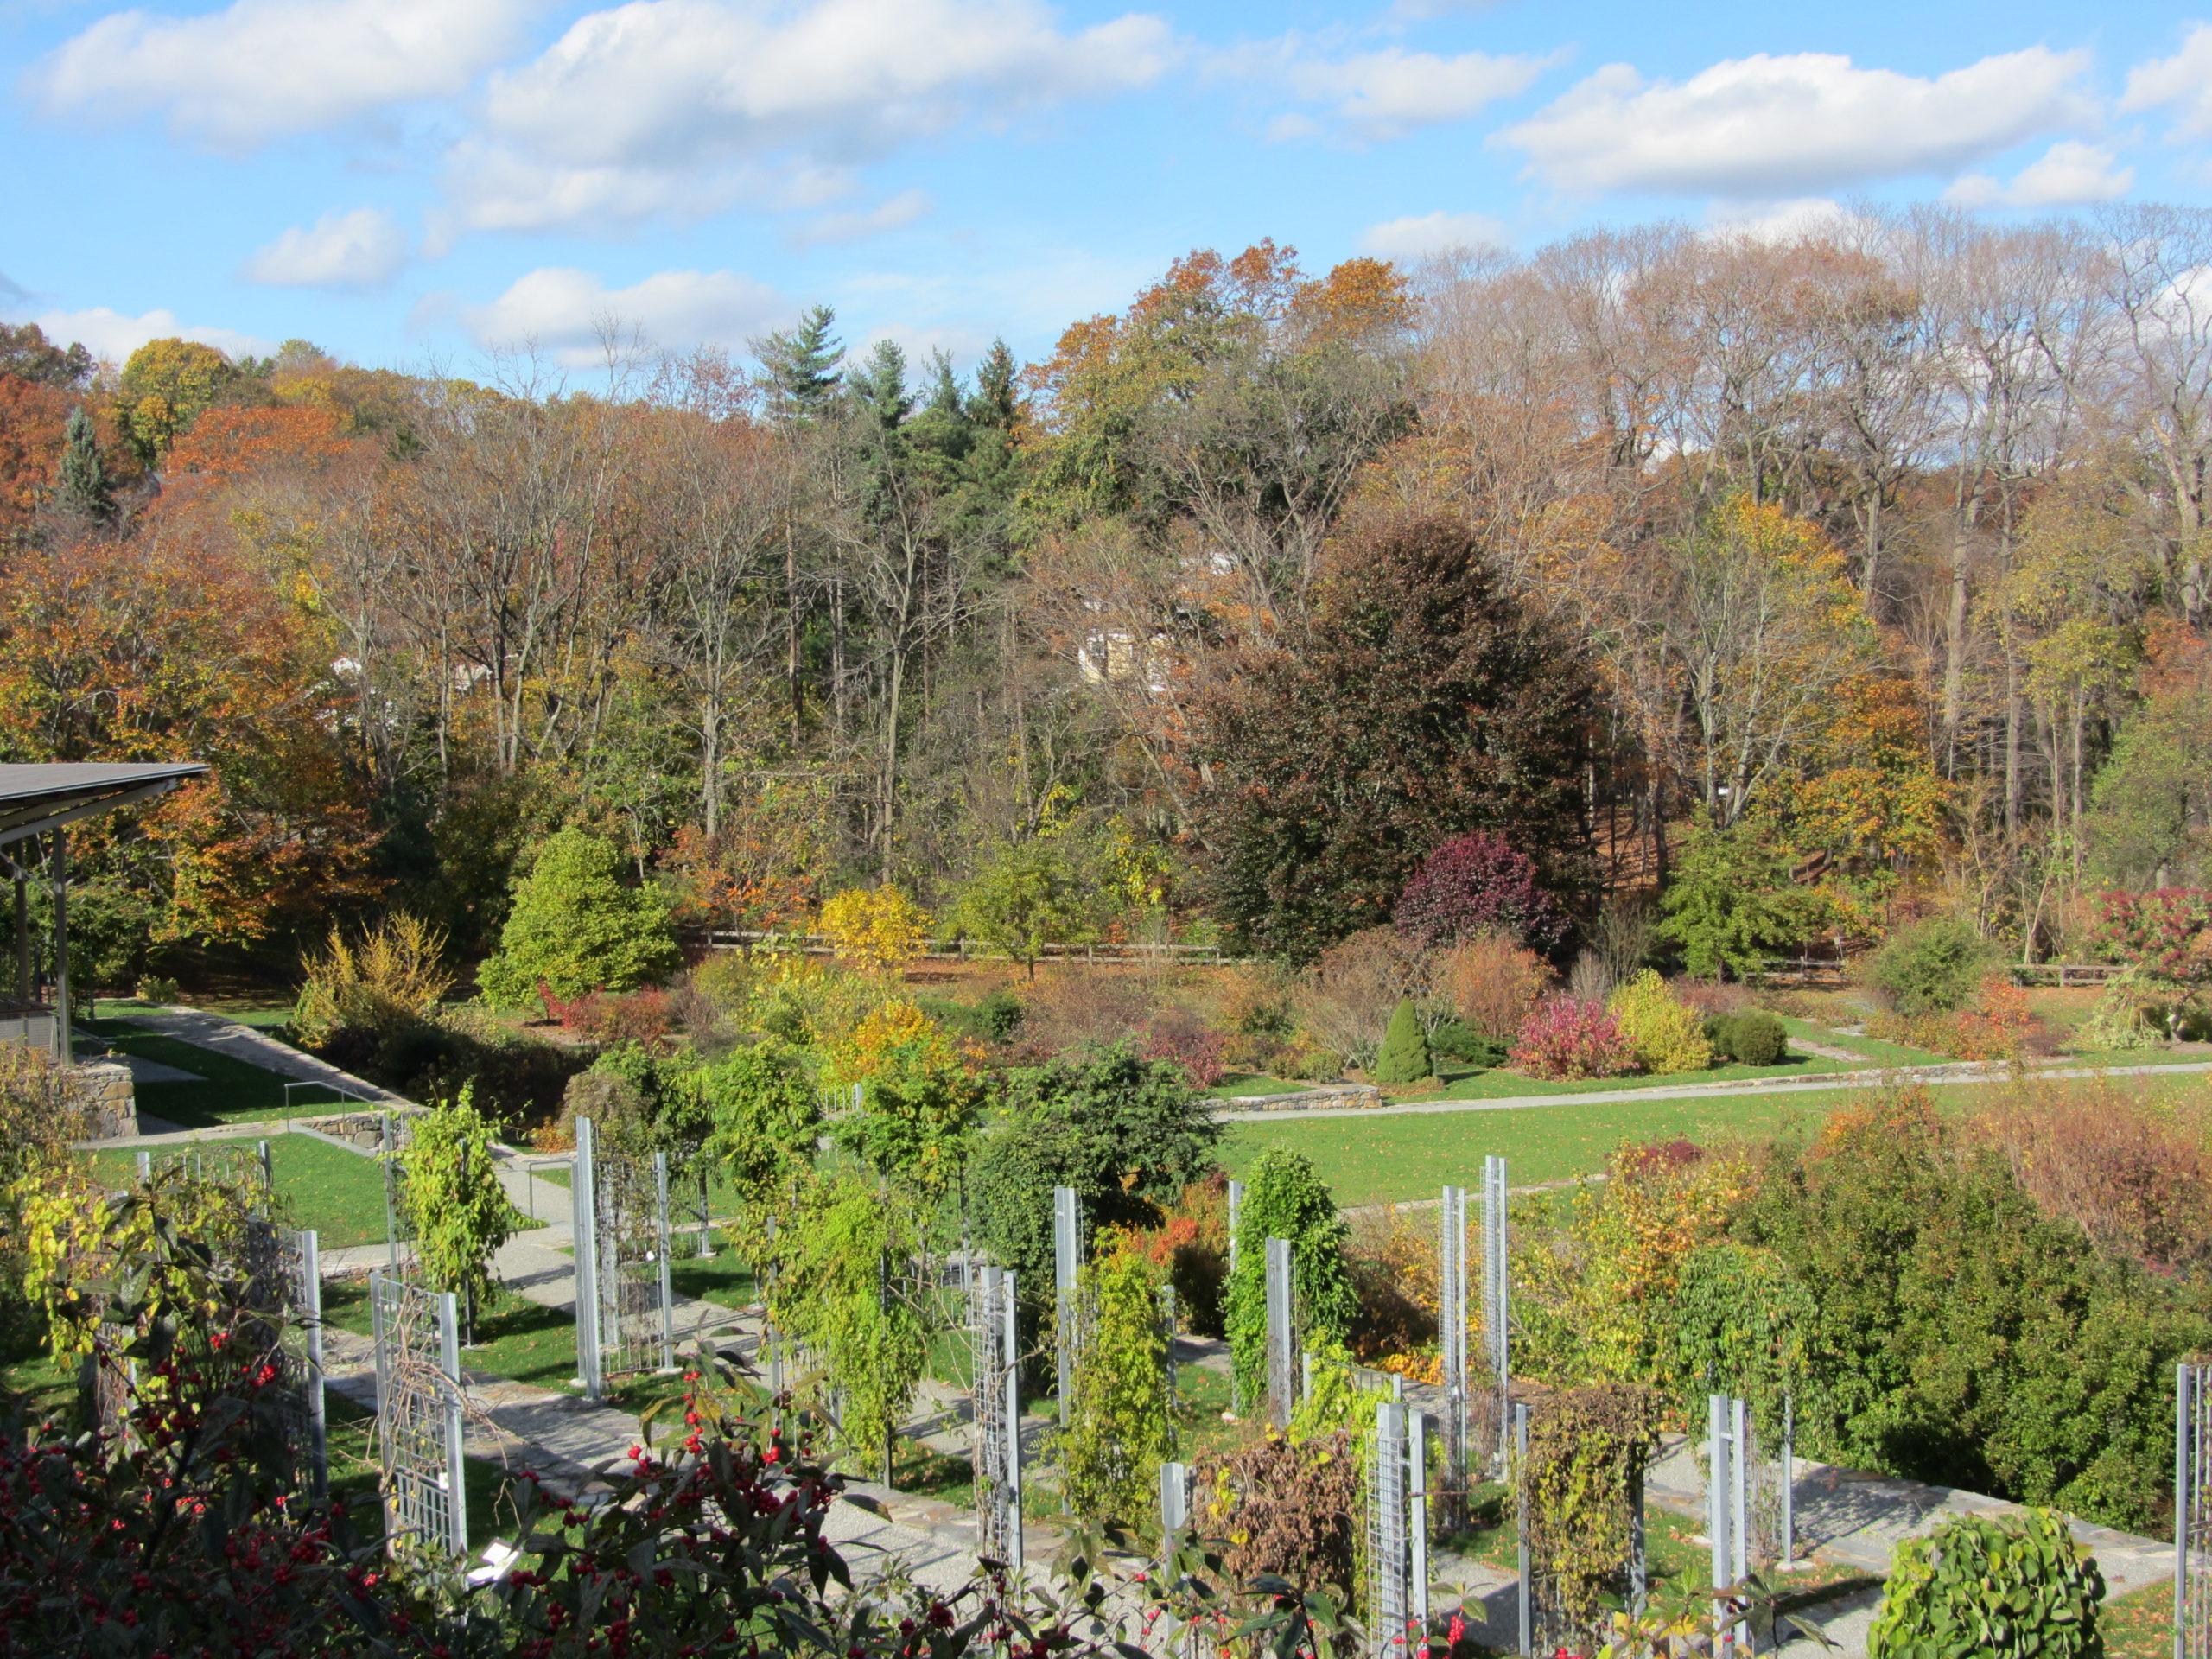 Leventritt Garden in autumn